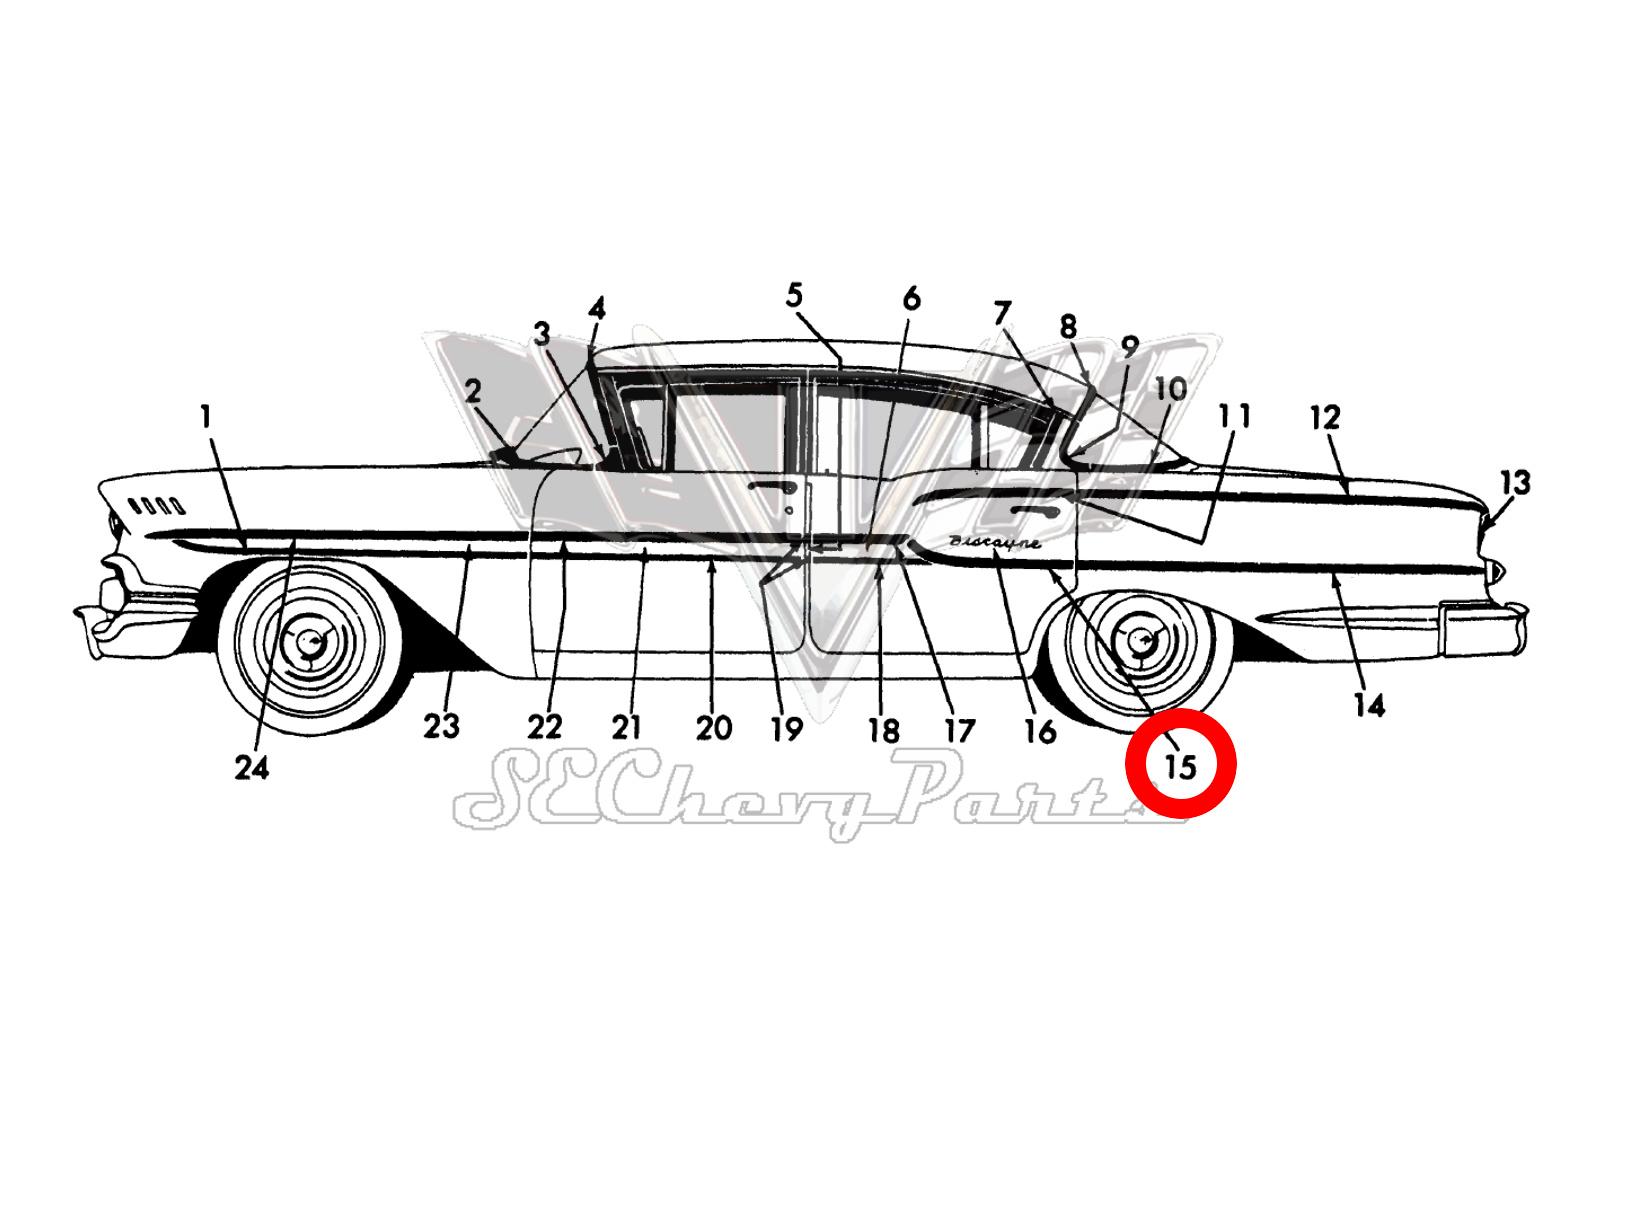 Chevy 4 Door Biscayne Left Rear Door Rear Trim